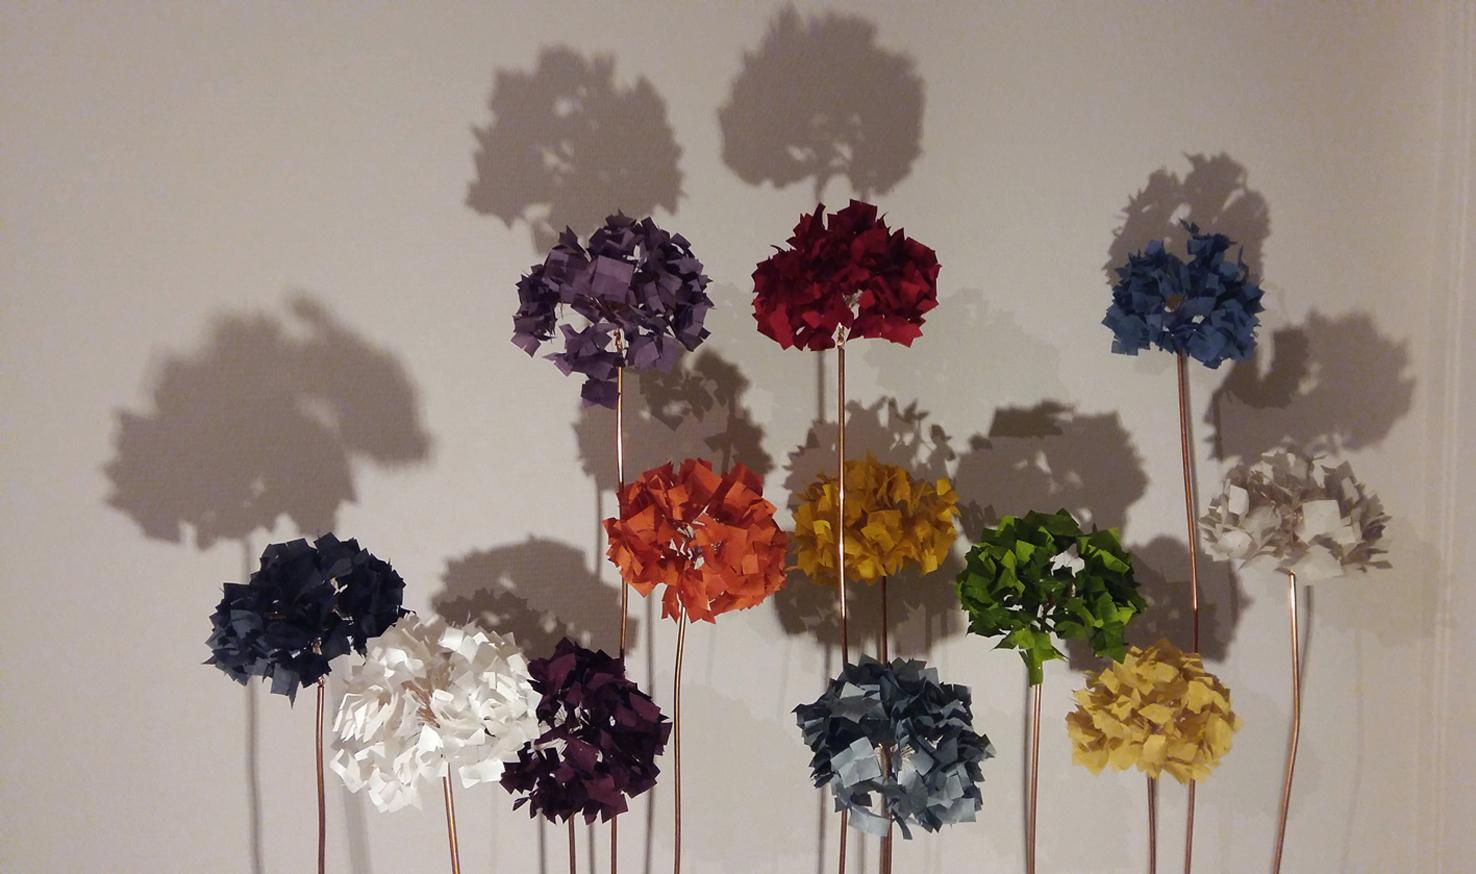 Galerie d'image - AD Galerie - Aurélie Dupont